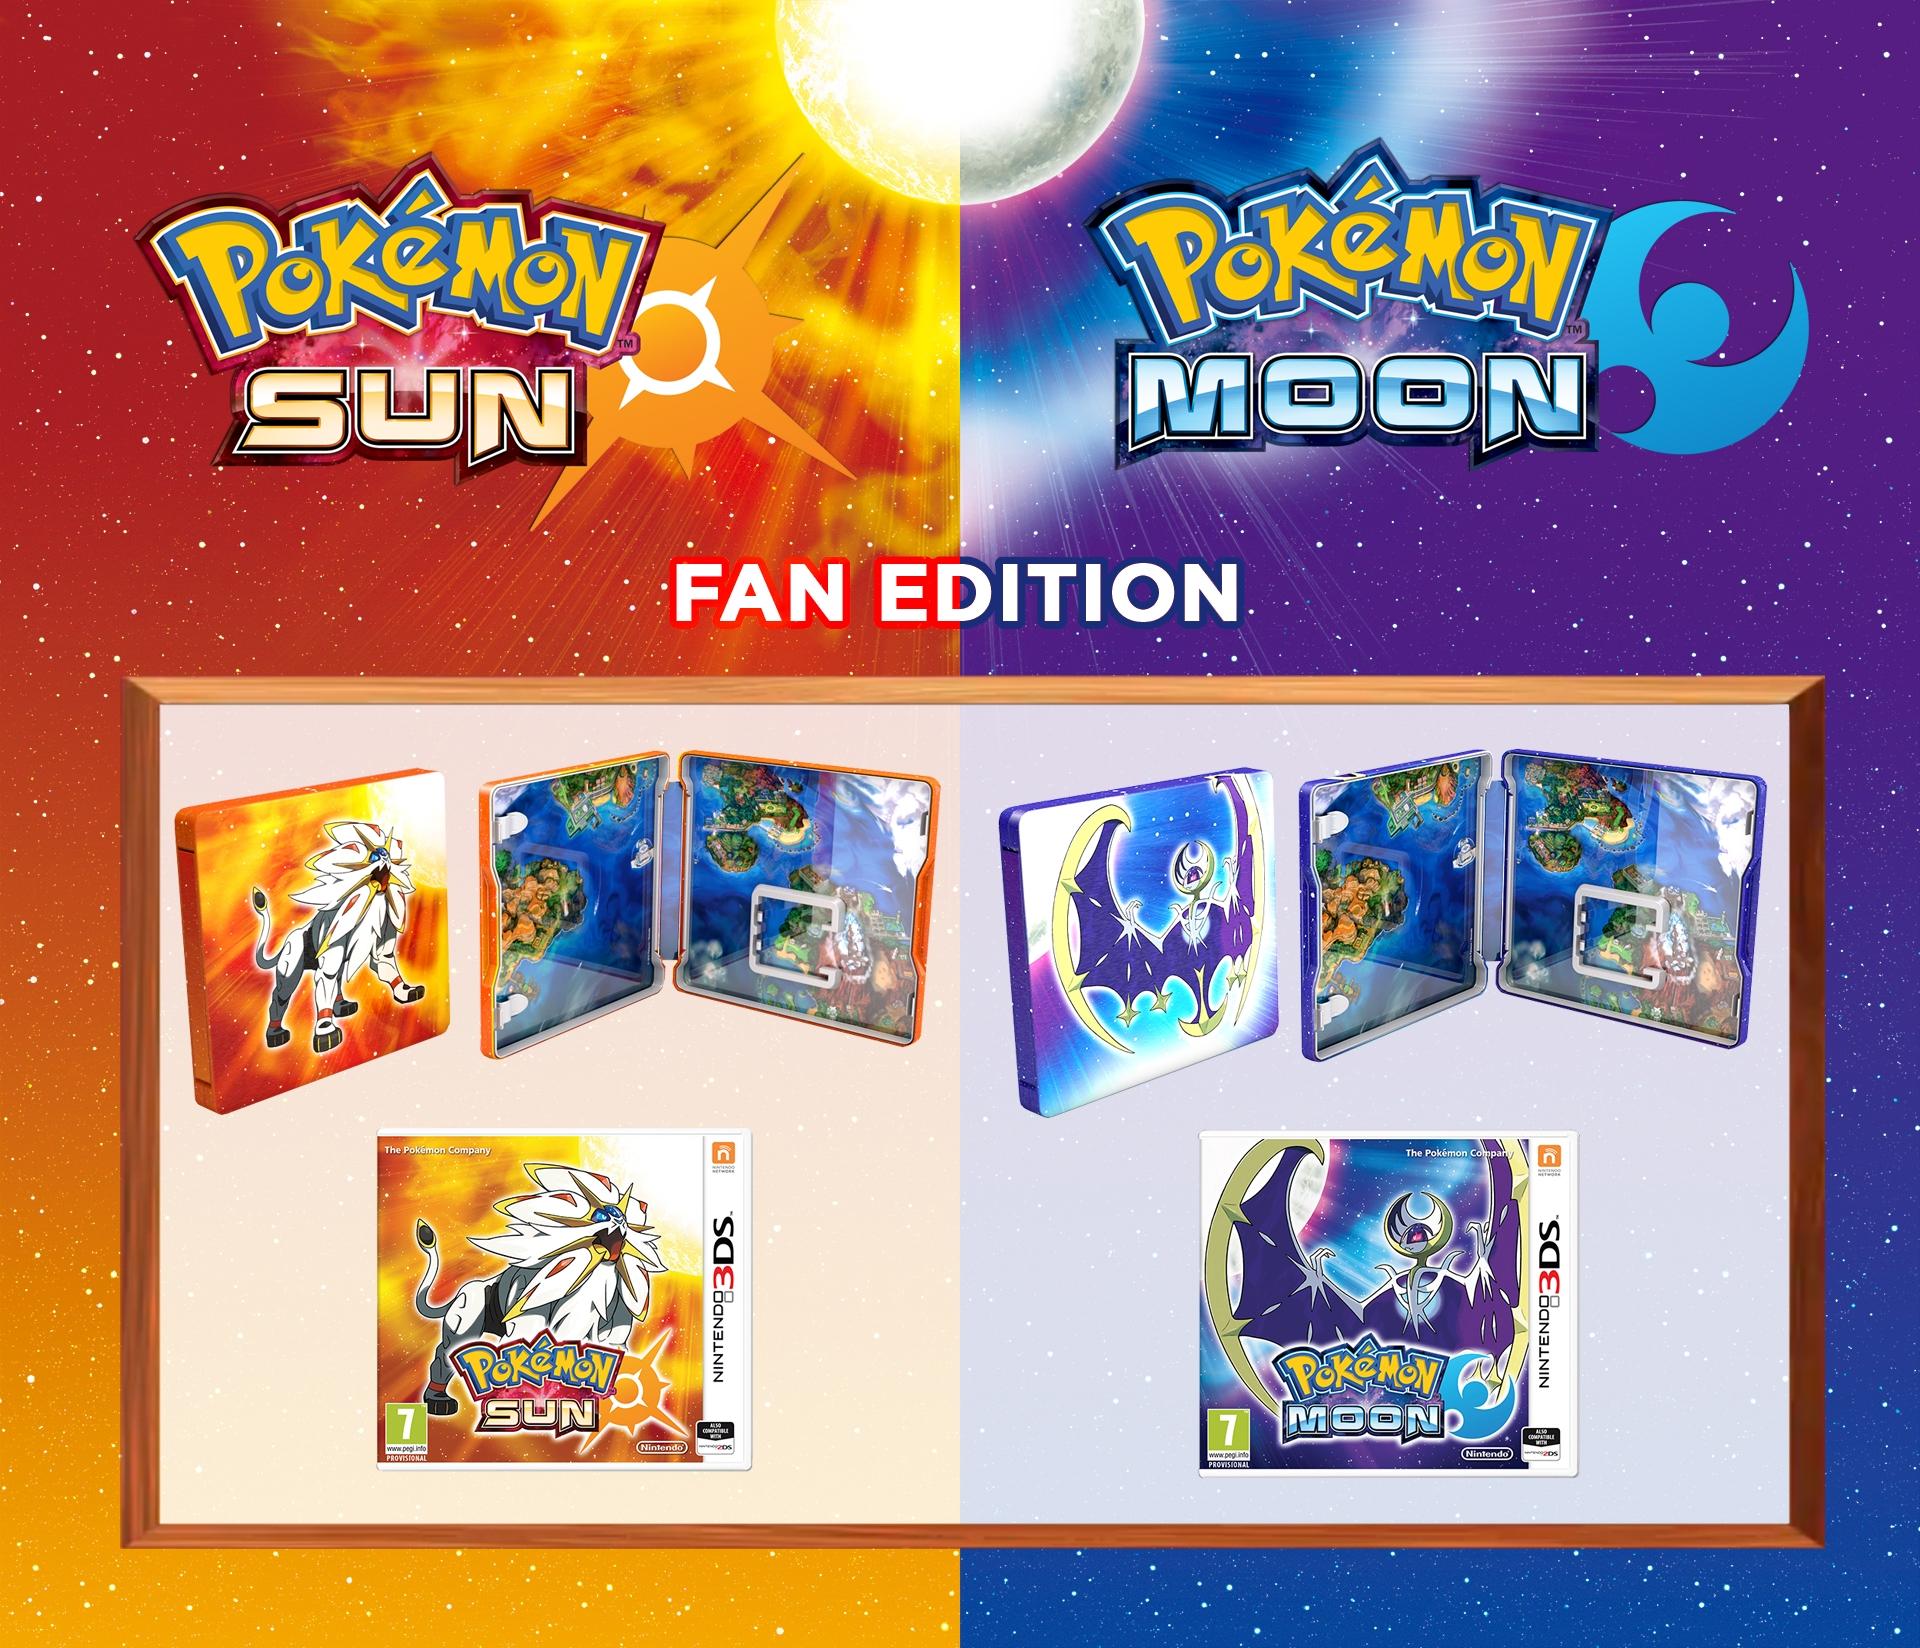 fan-edition.jpg